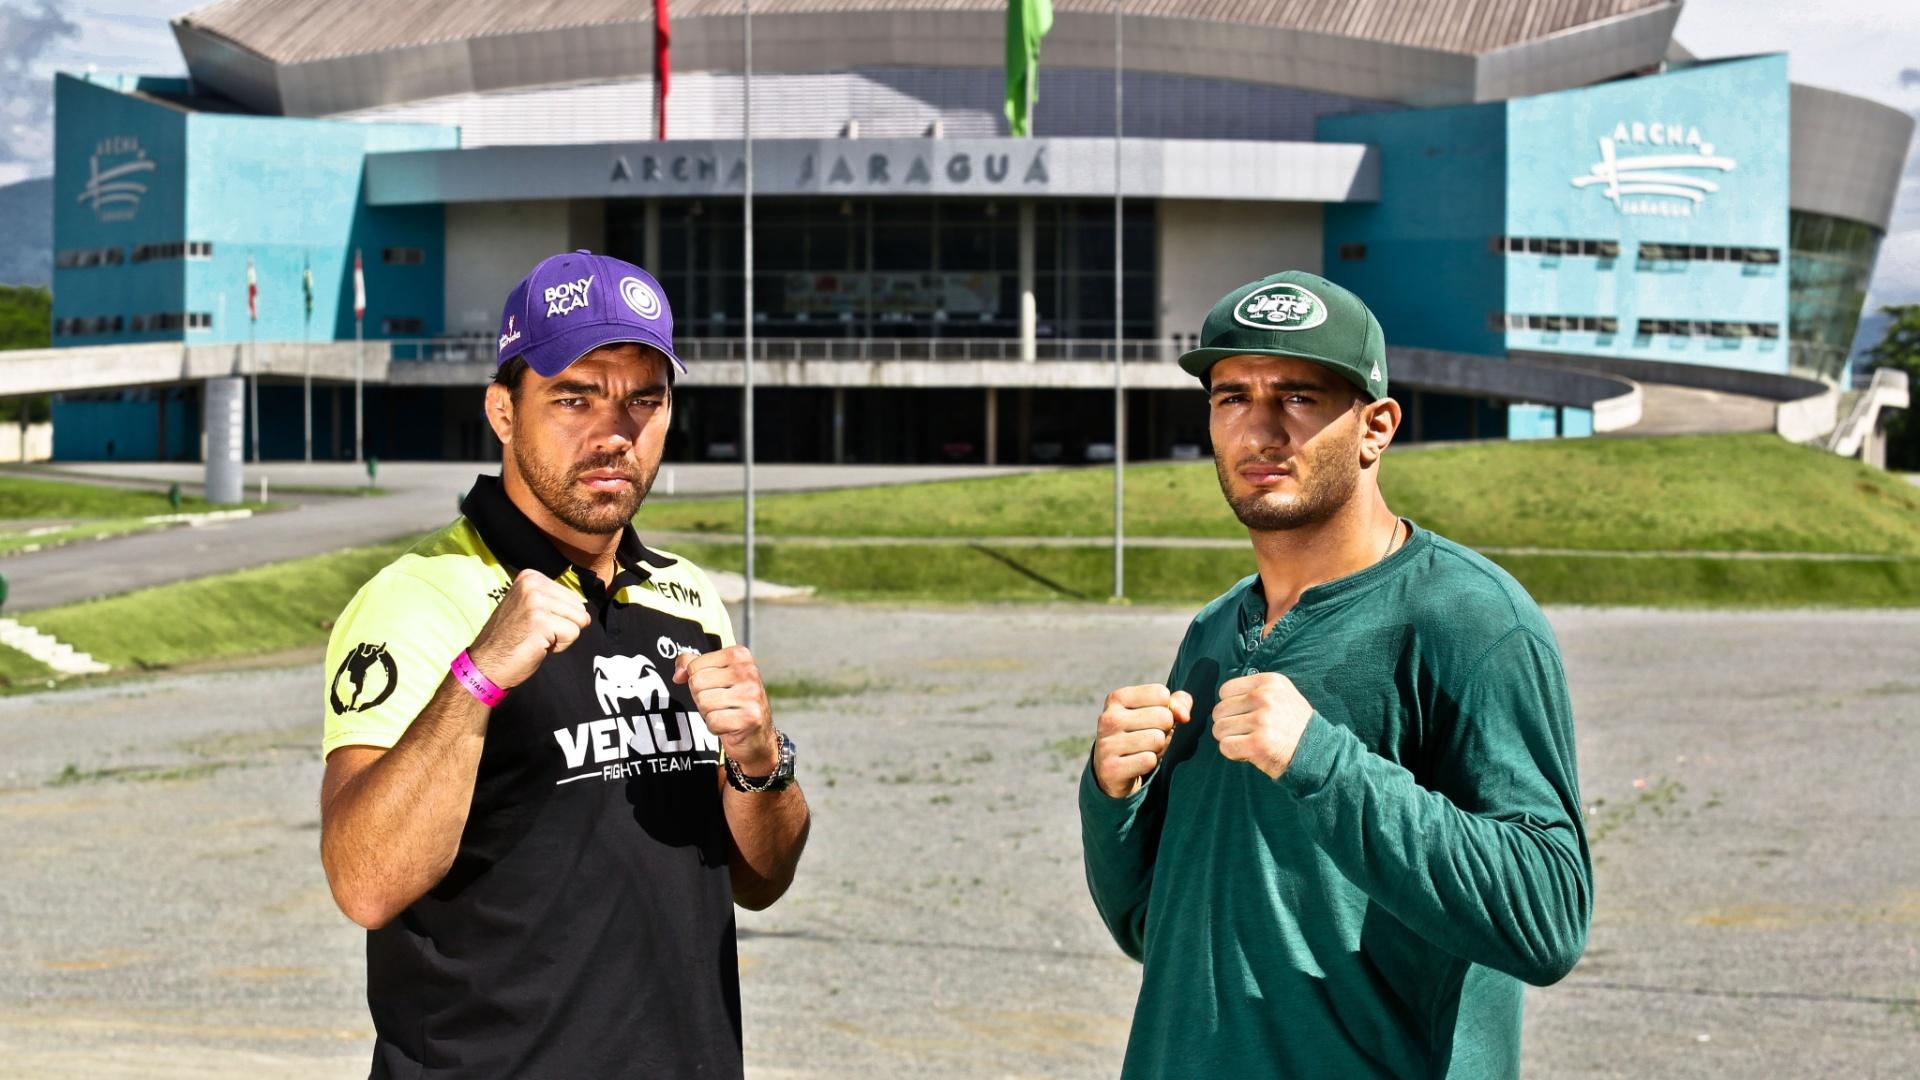 Lyoto Machida posa ao lado do seu adversário no UFC Jaraguá 2, Gegard Mousasi, para divulgar o evento